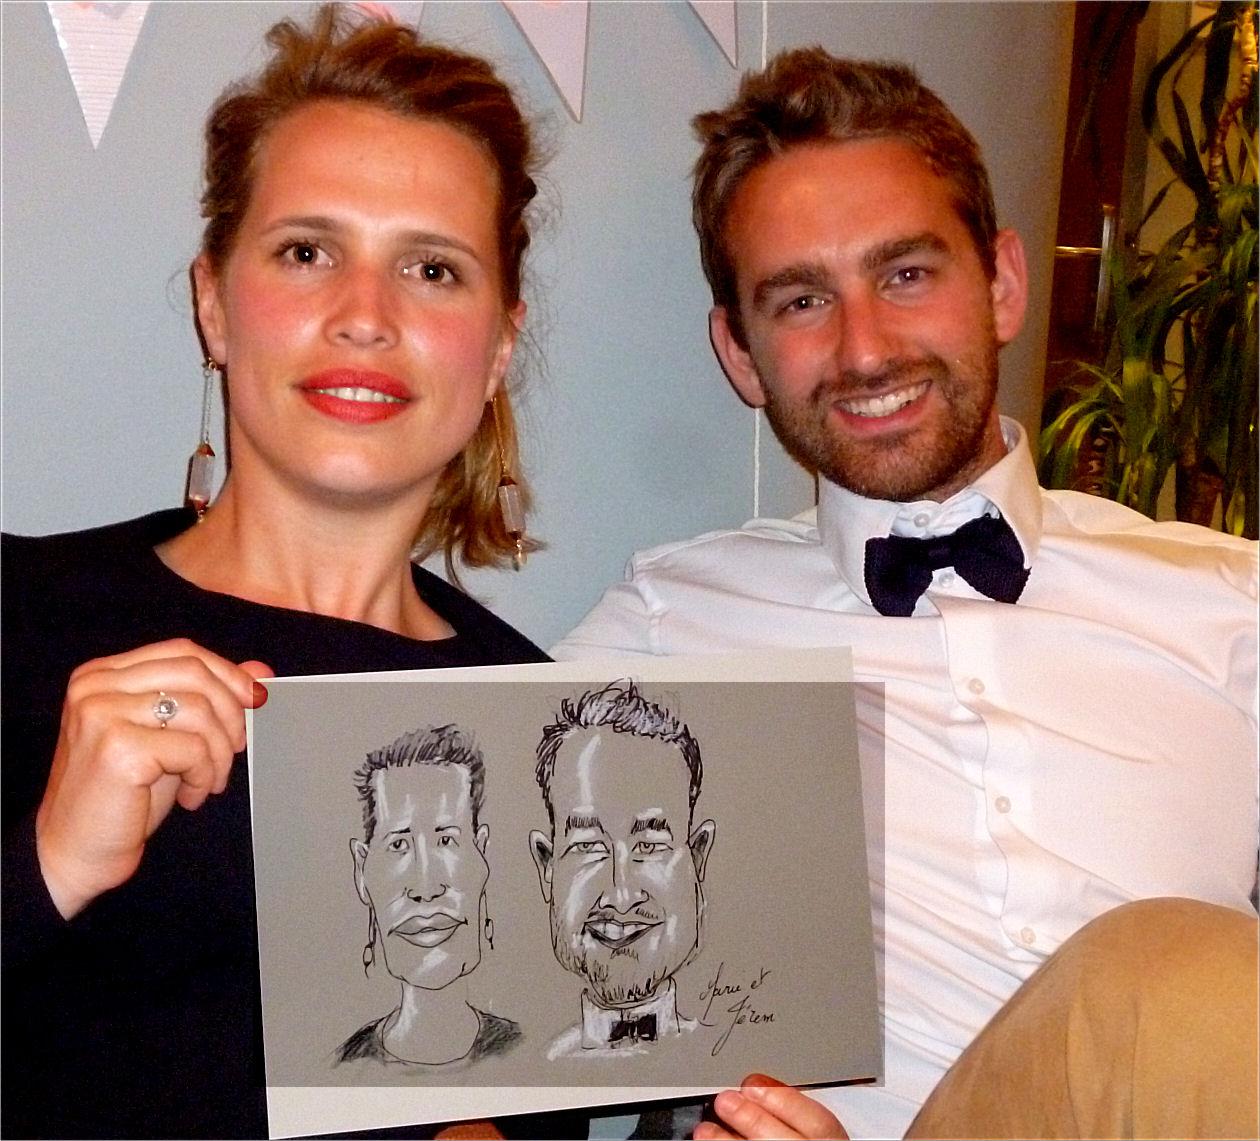 Marie et Jérem caricature de JEF